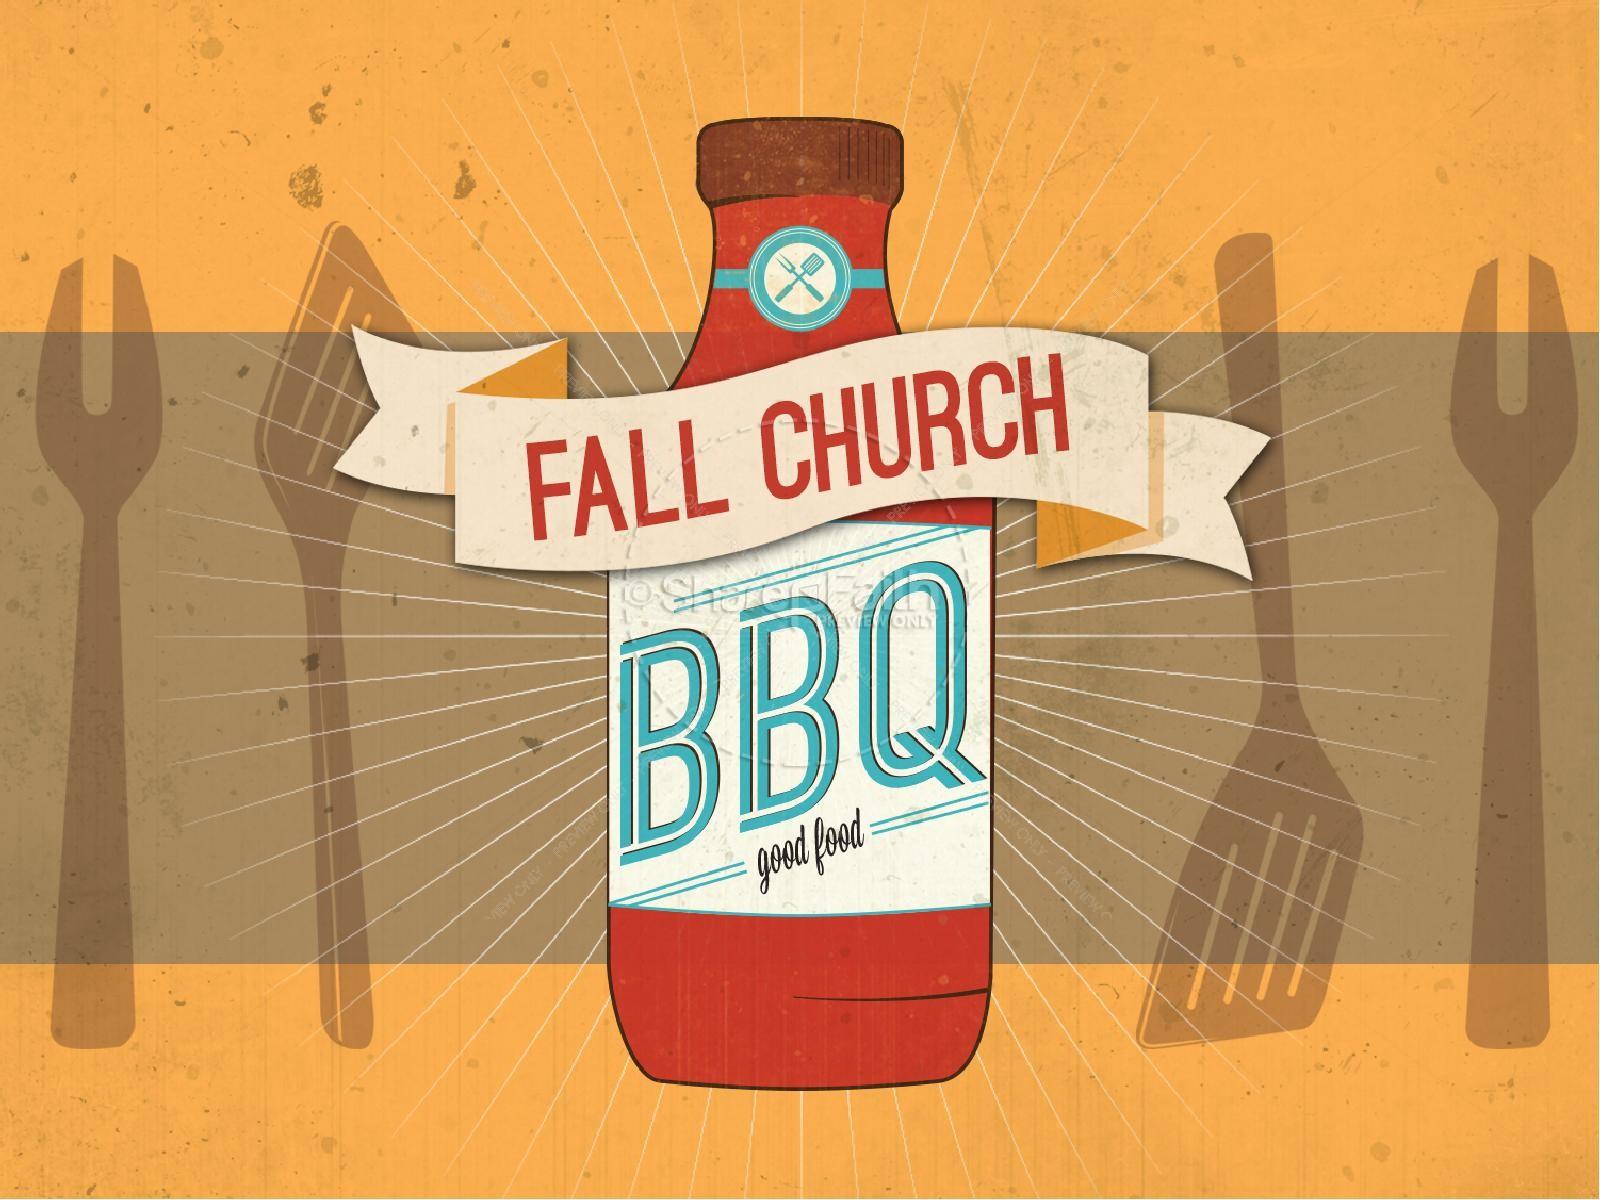 Fall Chuch BBQ PowerPoint